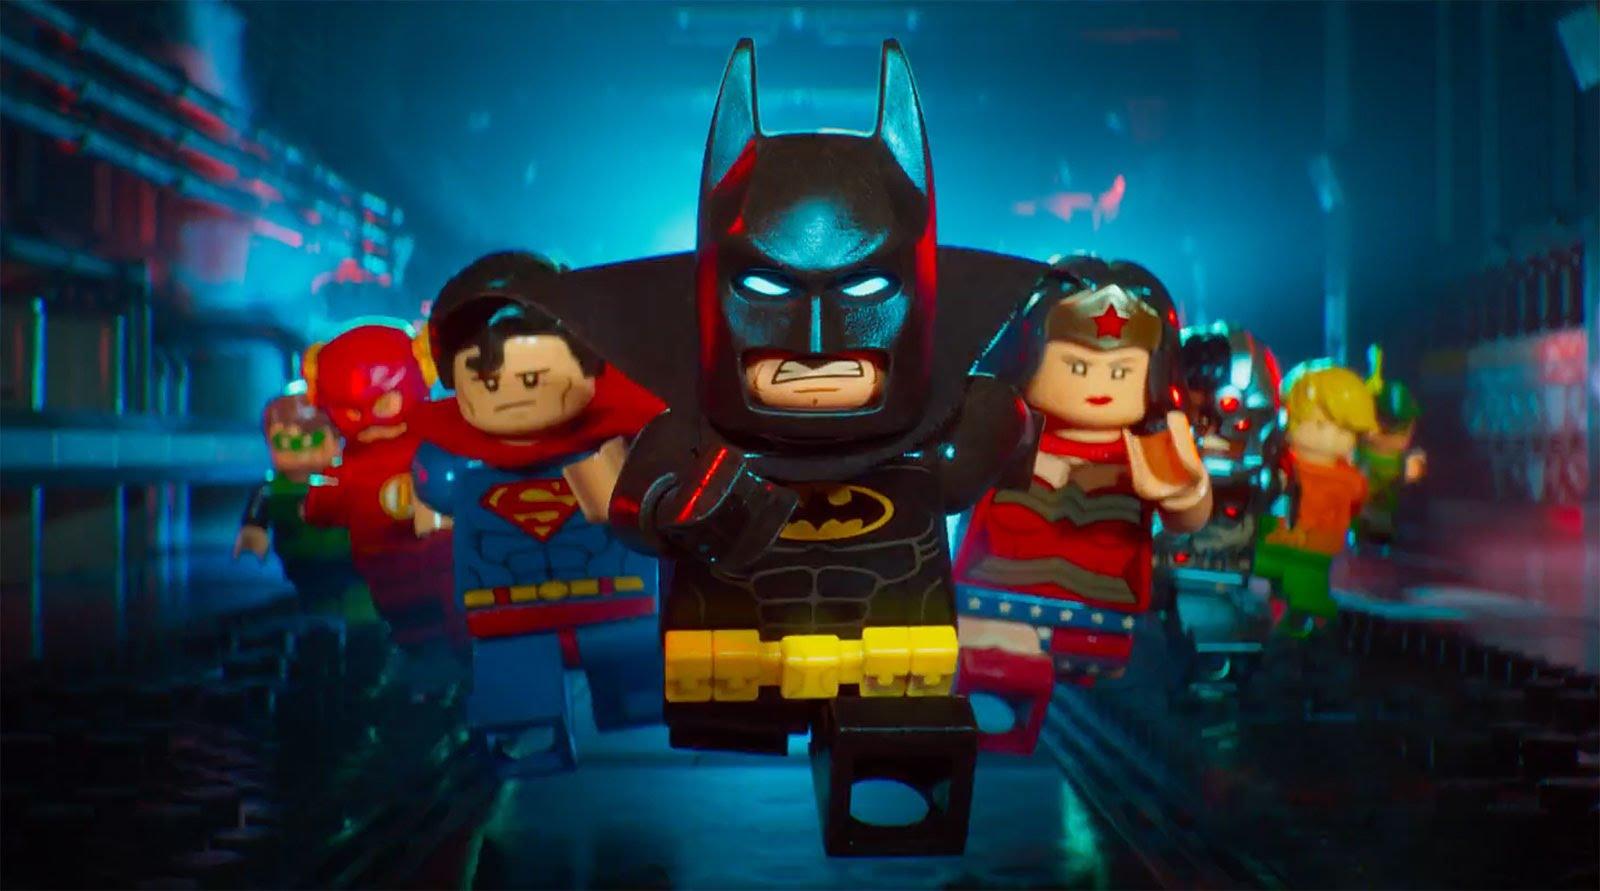 LEGO-Filme Reihenfolge: Liste aller LEGO-Filme in der ...